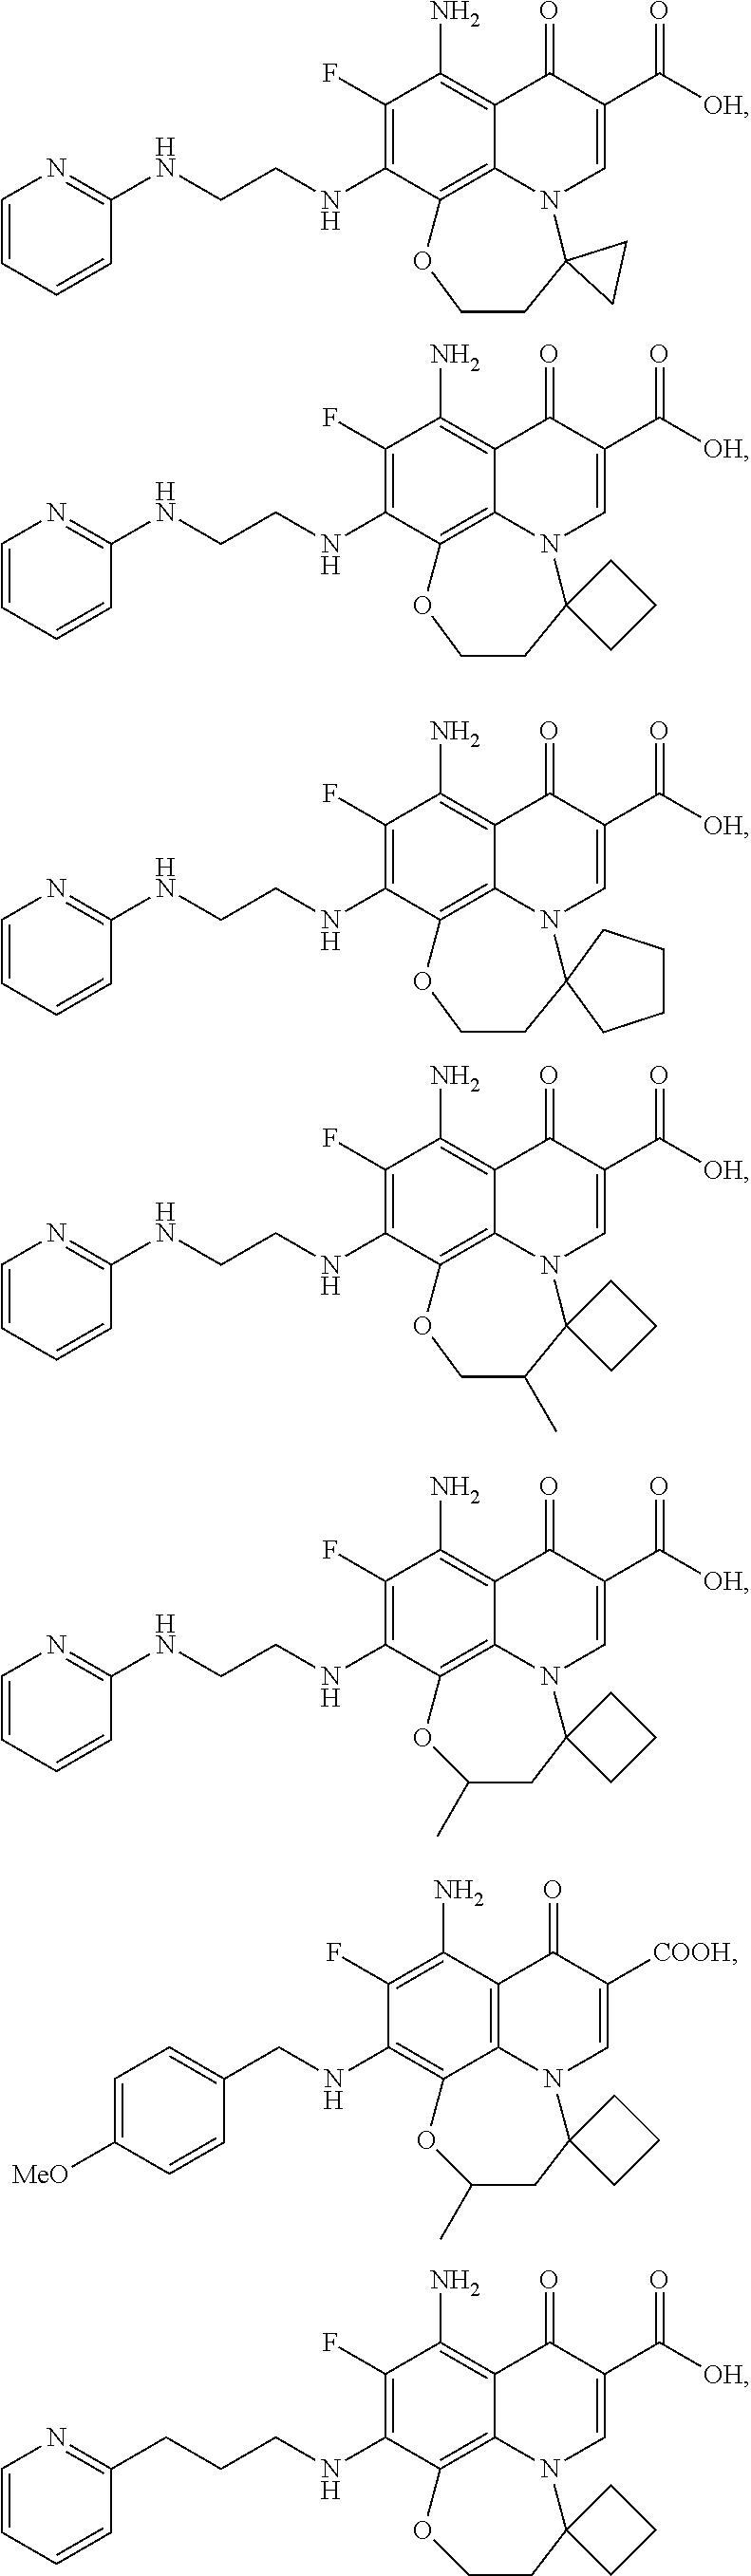 Figure US08901112-20141202-C00346